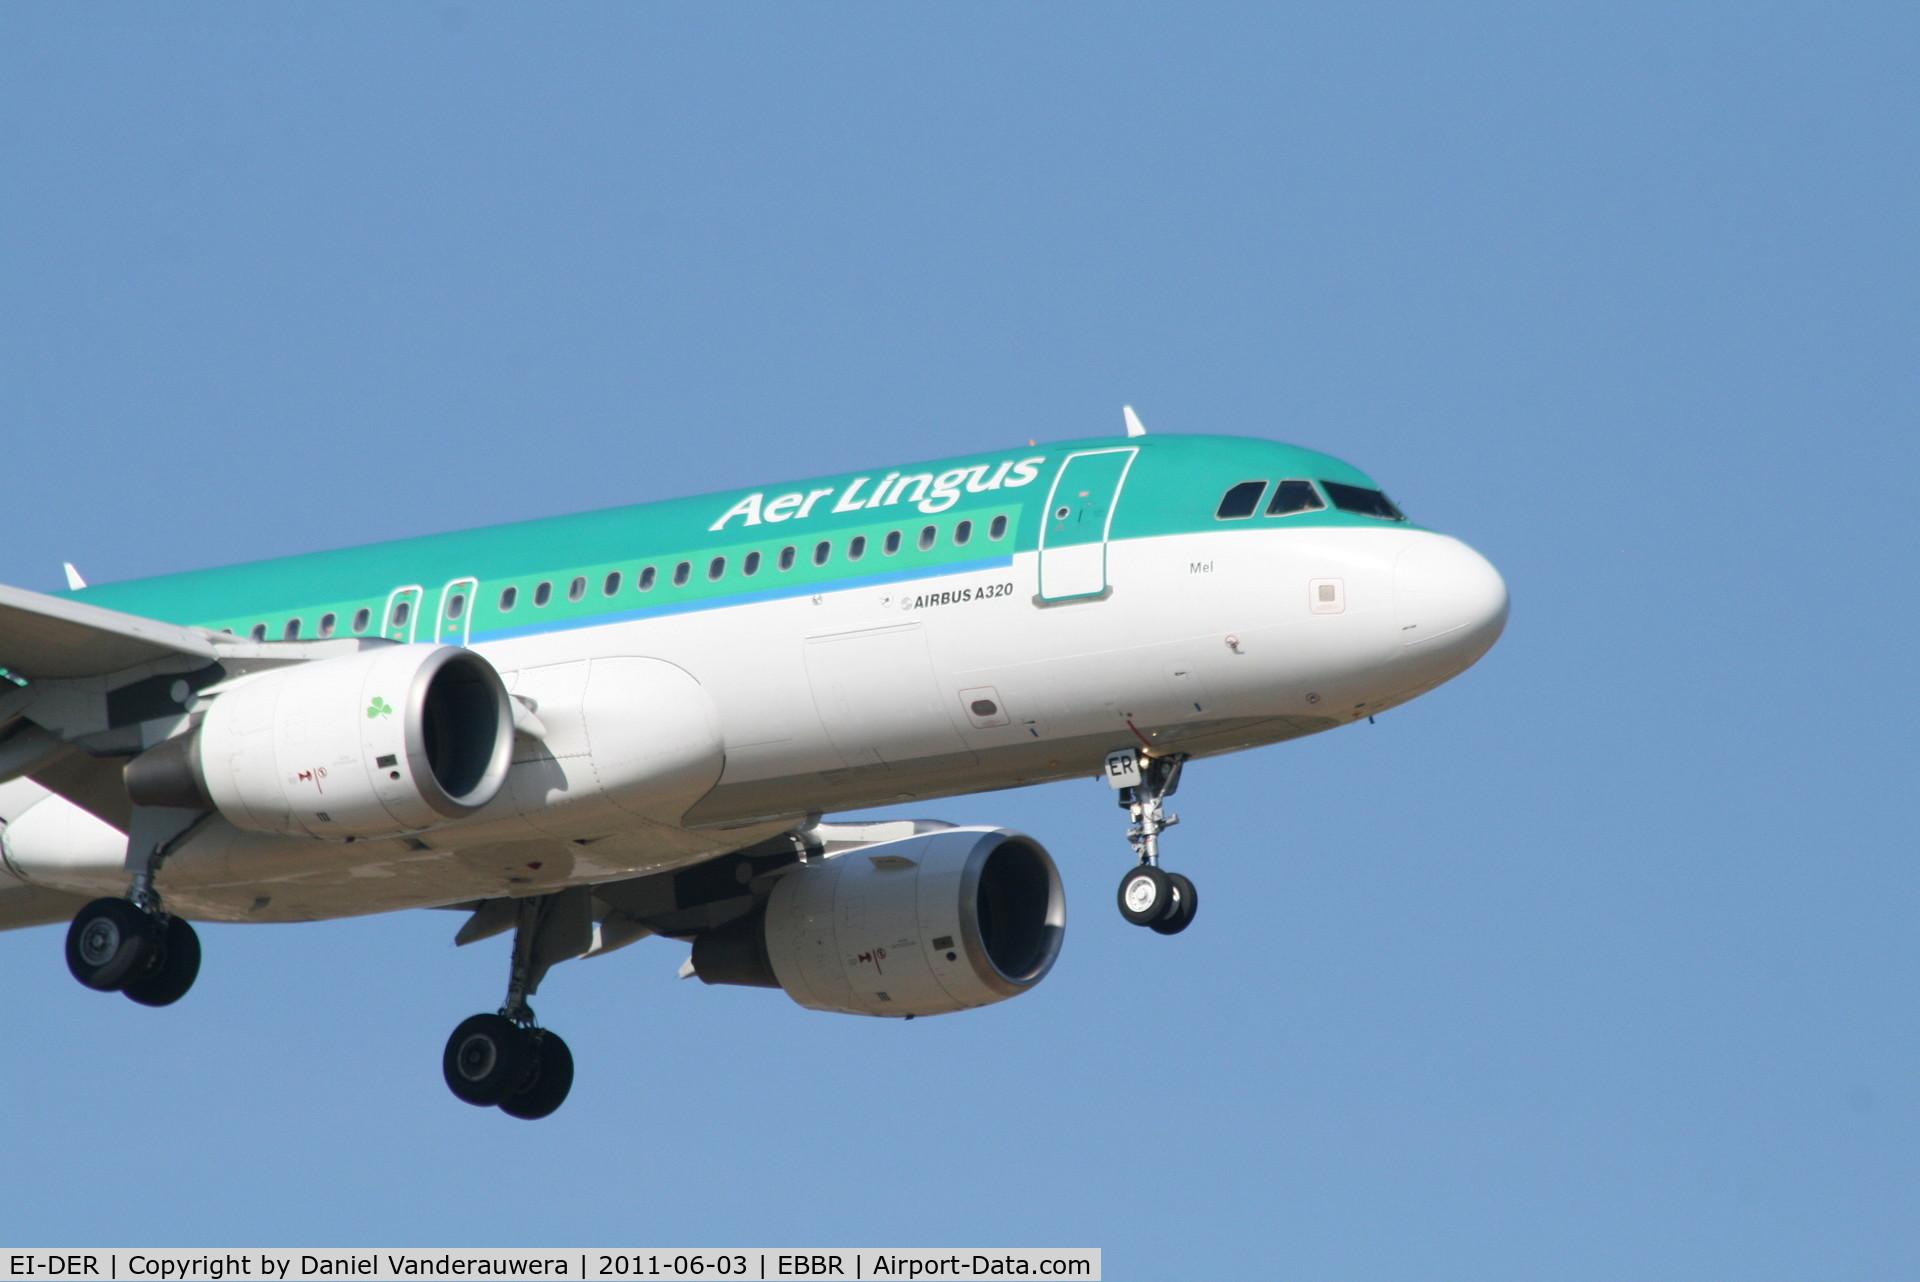 EI-DER, 2005 Airbus A320-214 C/N 2583, Arrival of flight EI630 to RWY 02